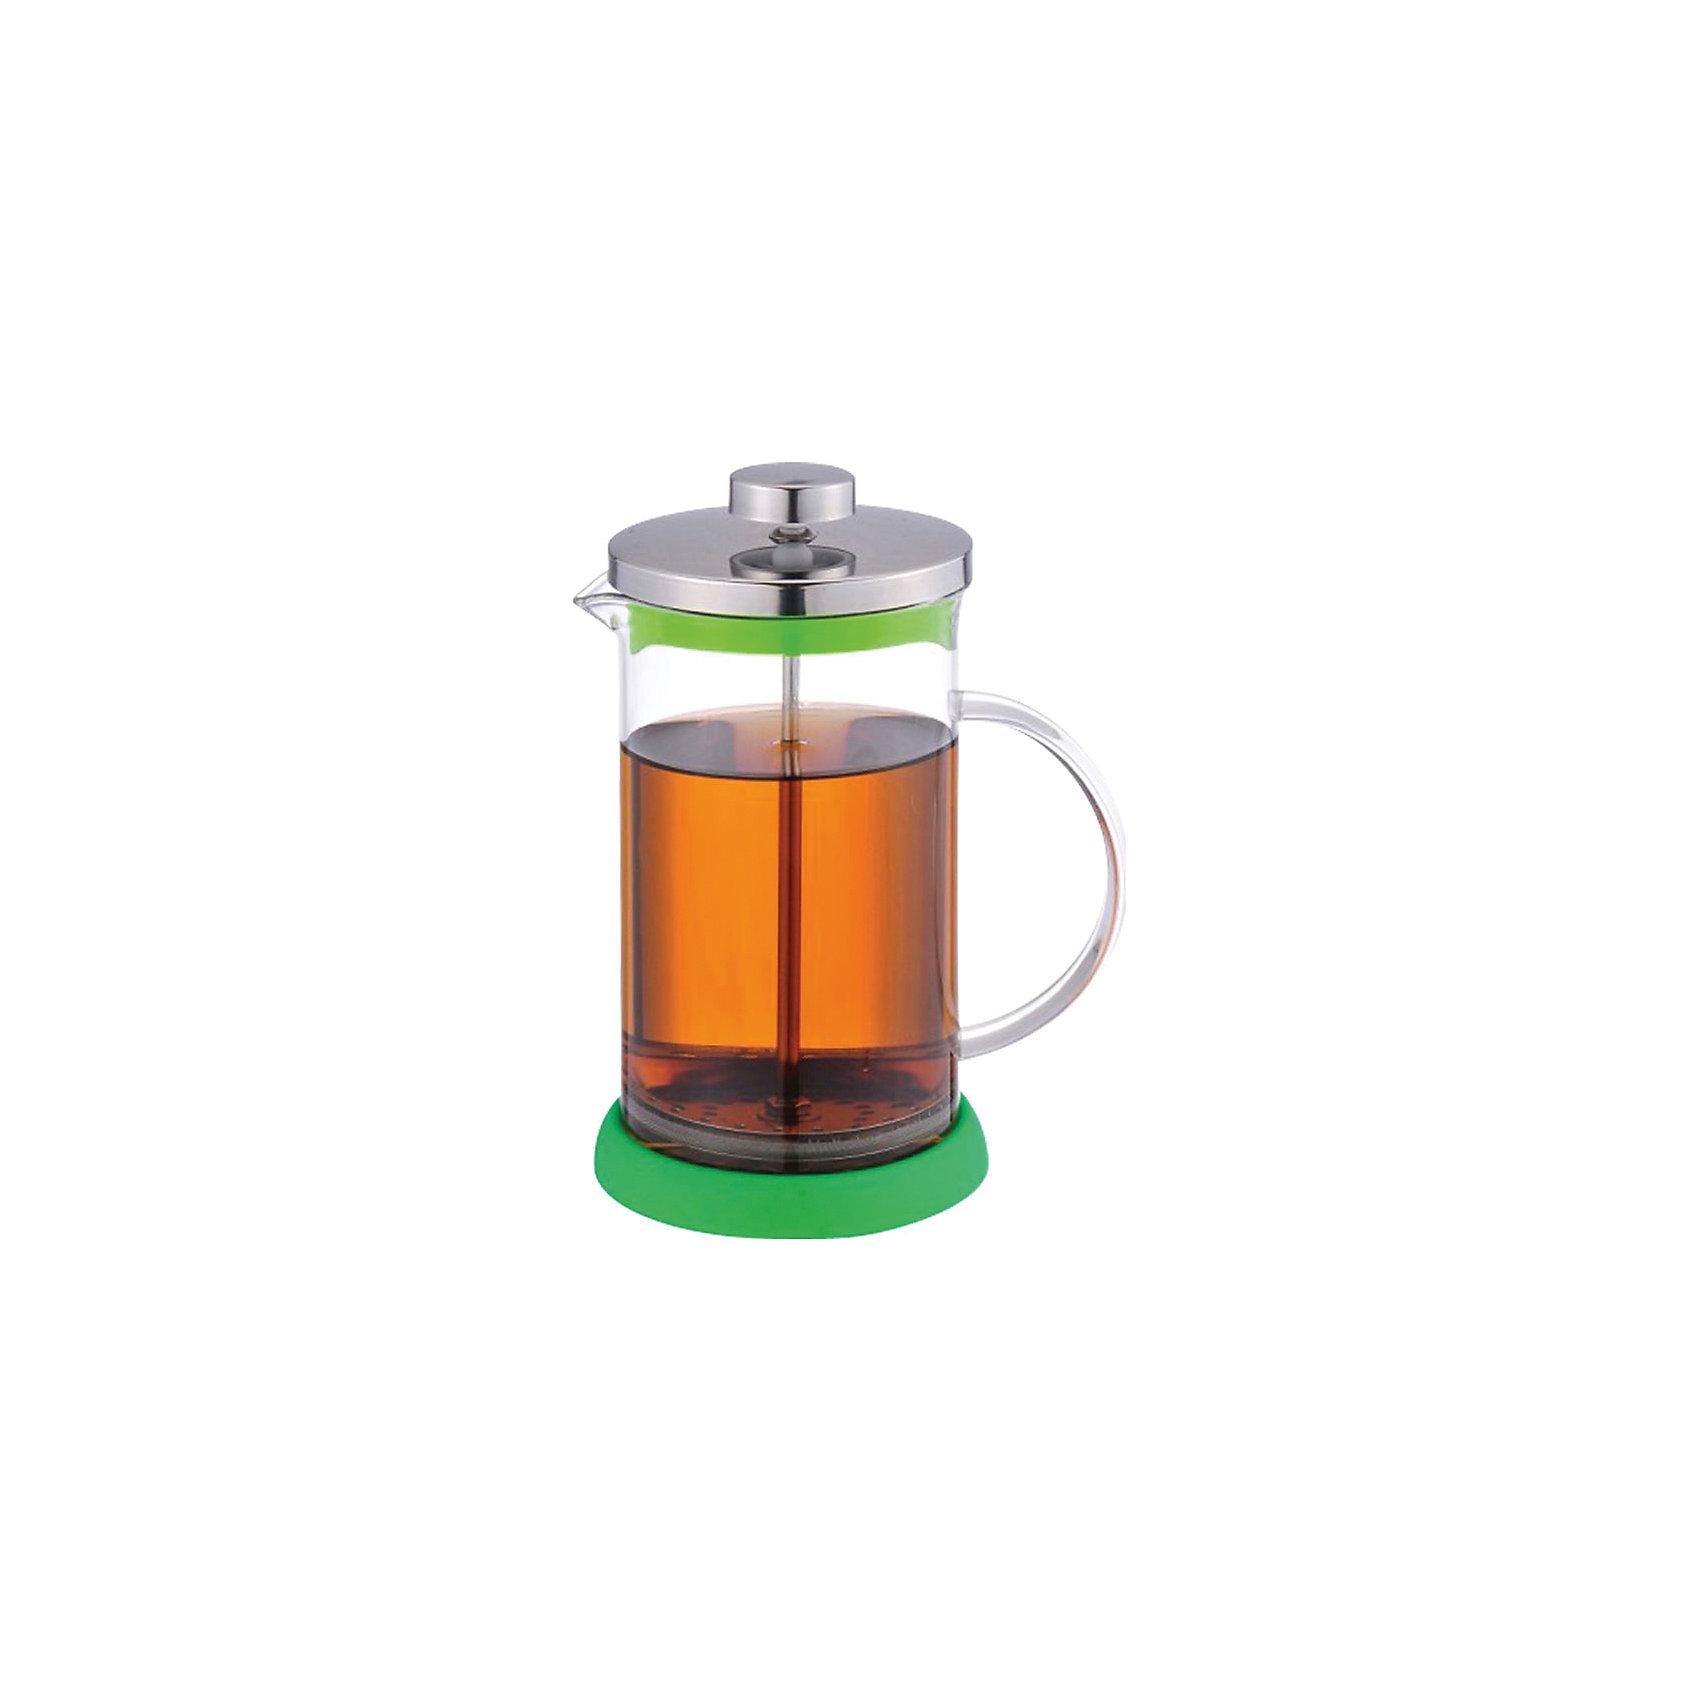 Кофе-пресс стеклянный GFP01-1000ML-G, Mallony, зеленый